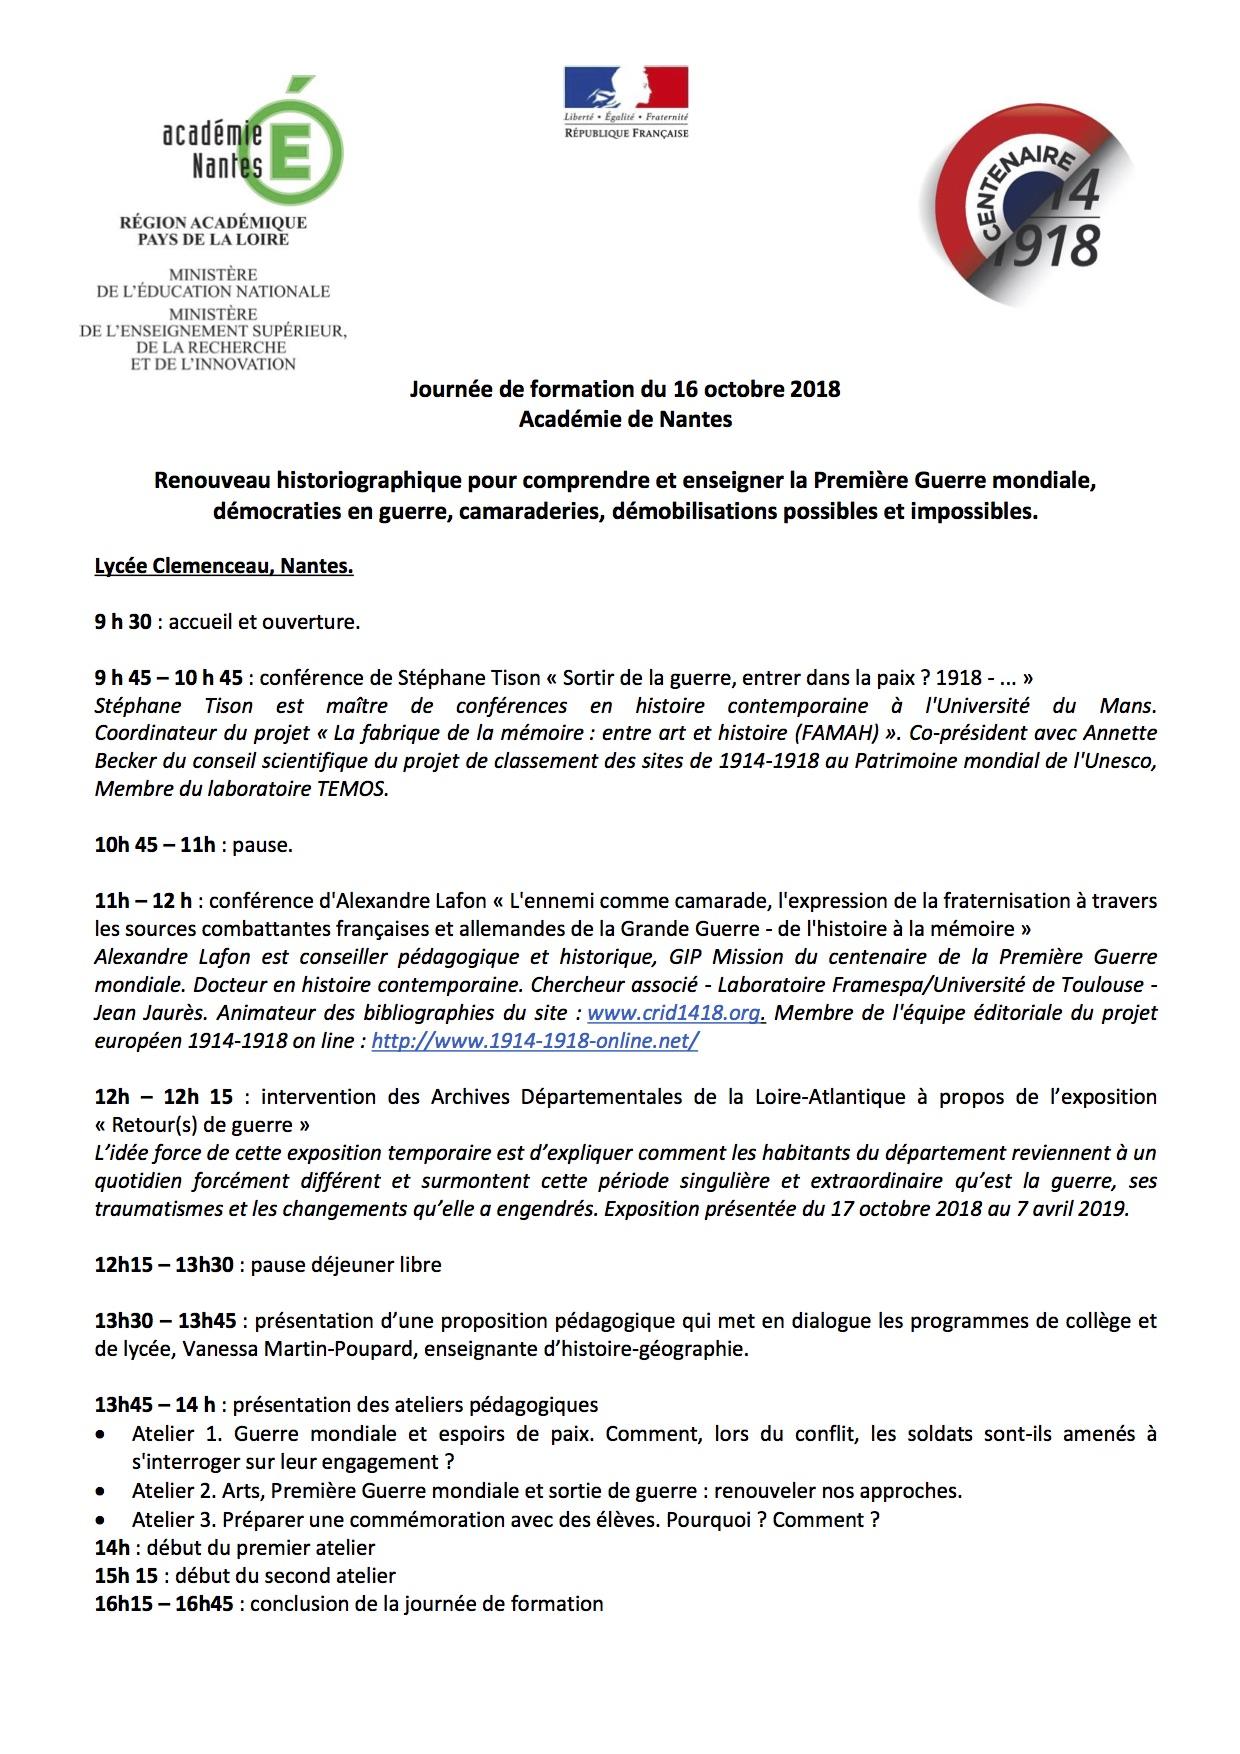 formation du 16 octobre Centenaire programme - copie